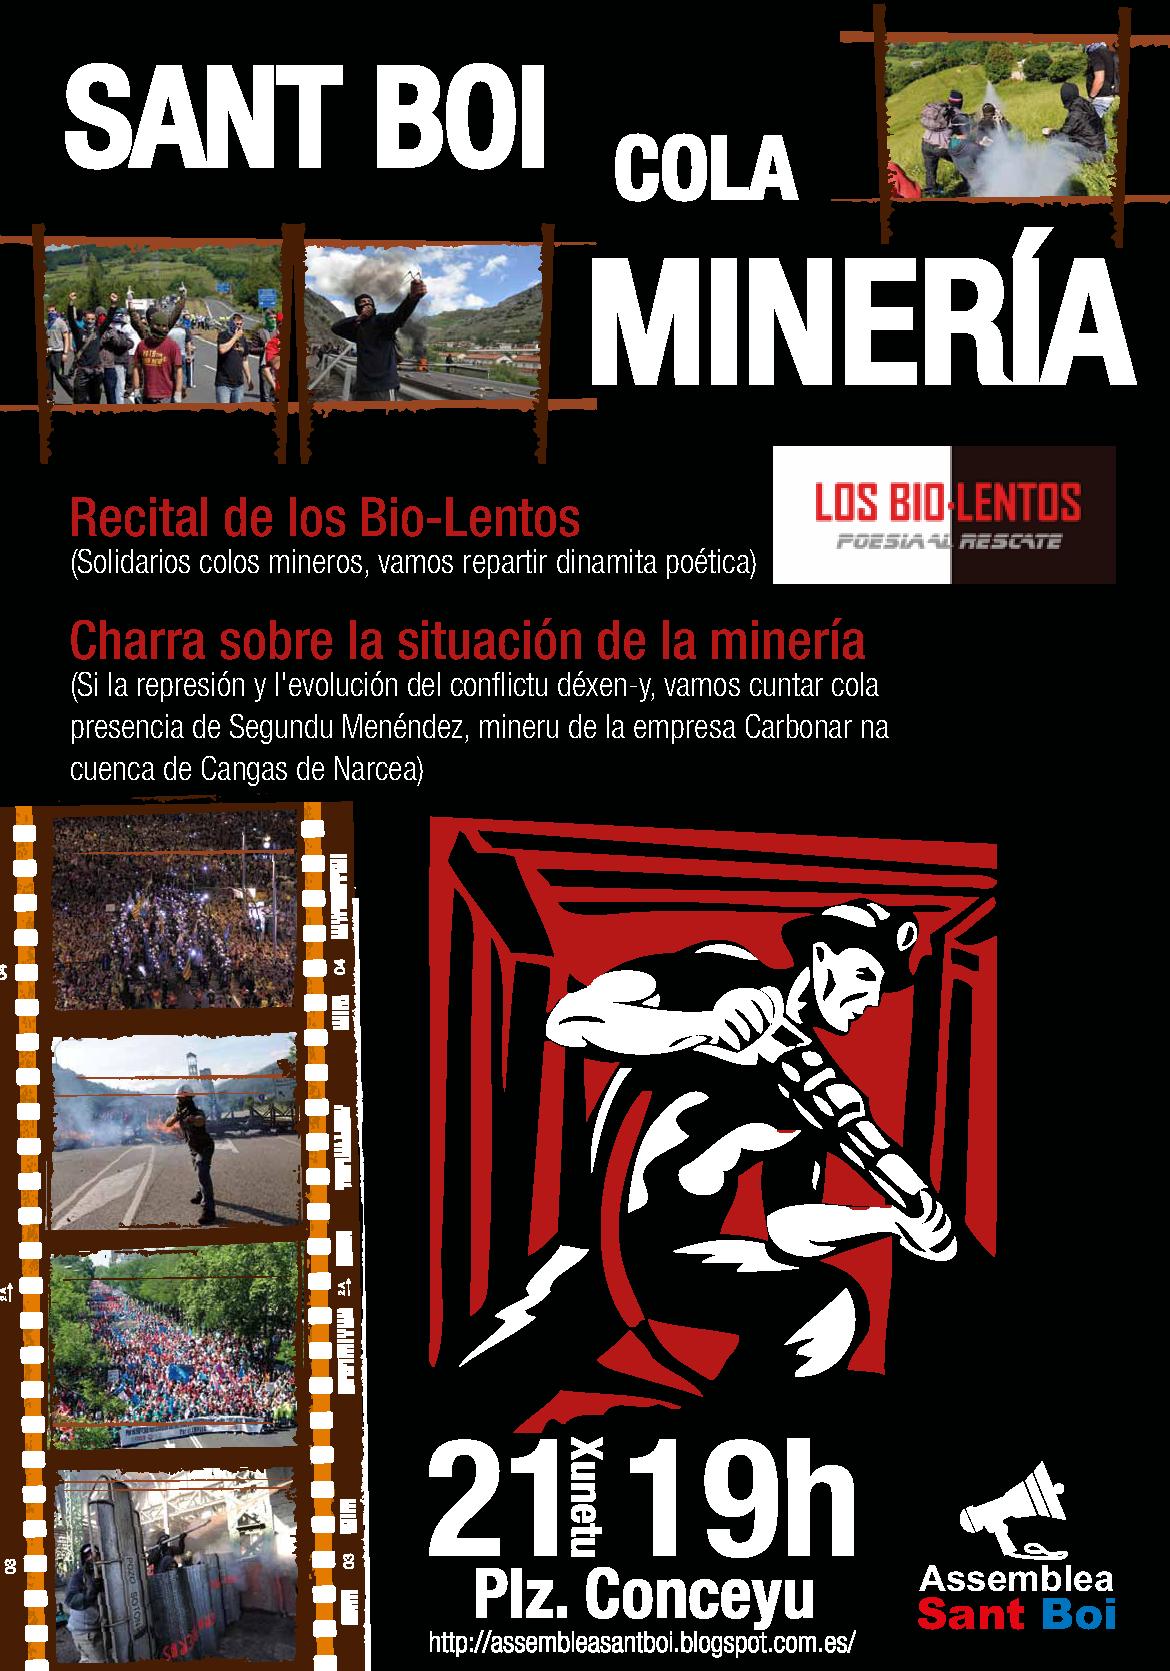 '@AssembleaStBoi: Güei en  #SantBoi Segundu, mineru de la CSI, va falanos sobre la llucha minera. http://t.co/bB6EFXNr'